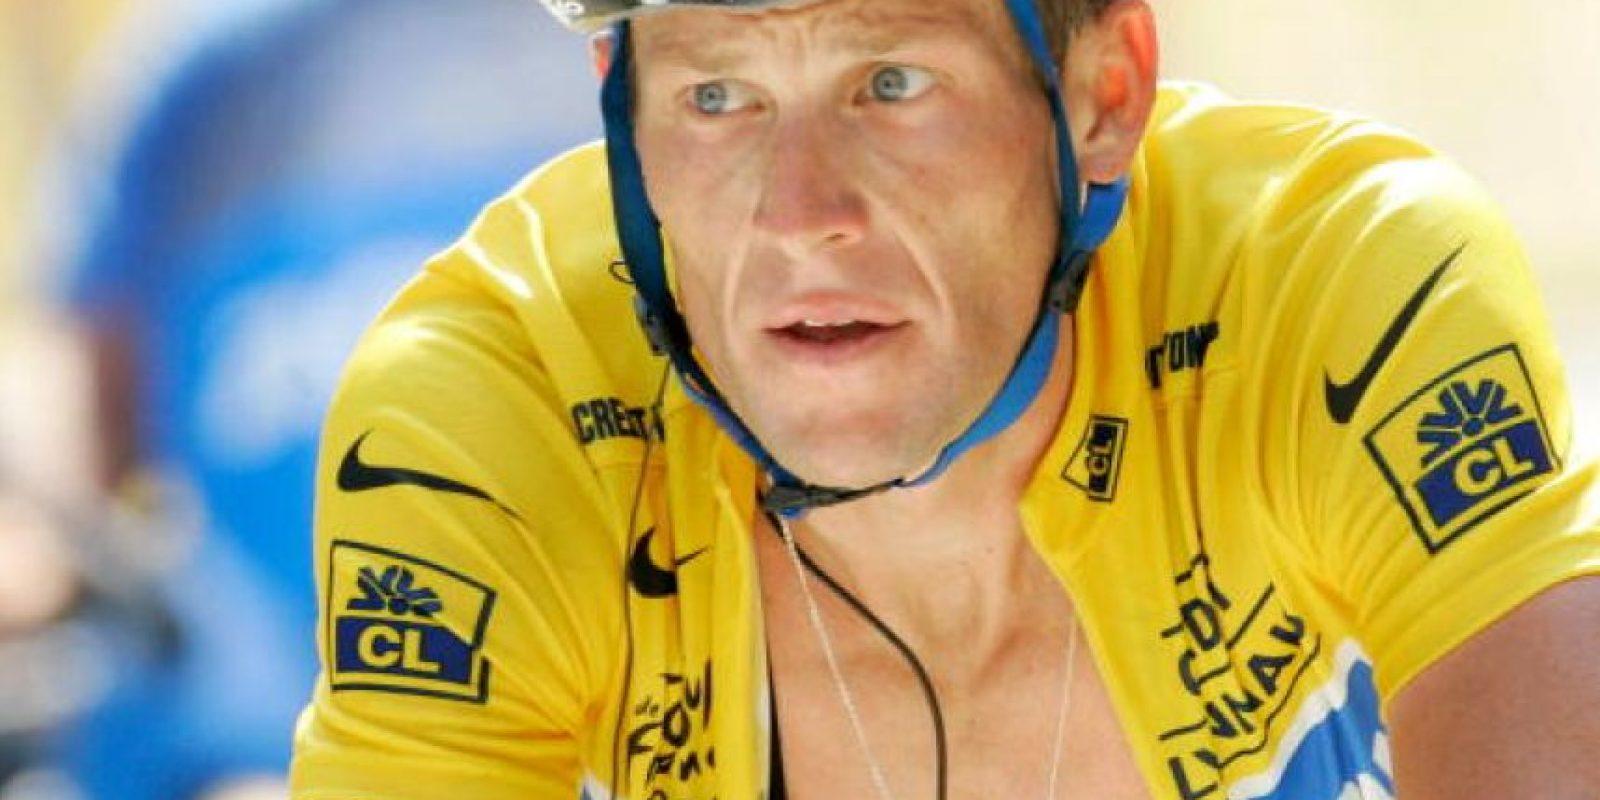 Cuando tenía 25 años, el ciclista fue diagnósticado con cáncer de testículos. La enfermedad puso en peligro su vida, pero se sometió a un intenso tratamiento y logró vencerla. Su preparación como atleta ayudó a que pudiera recibir las quimioterapias sin muchas alteraciones. Entonces regresó al ciclismo para ganar siete veces el Tour de Francia. También tiene un hijo. FOTO: Getty Images